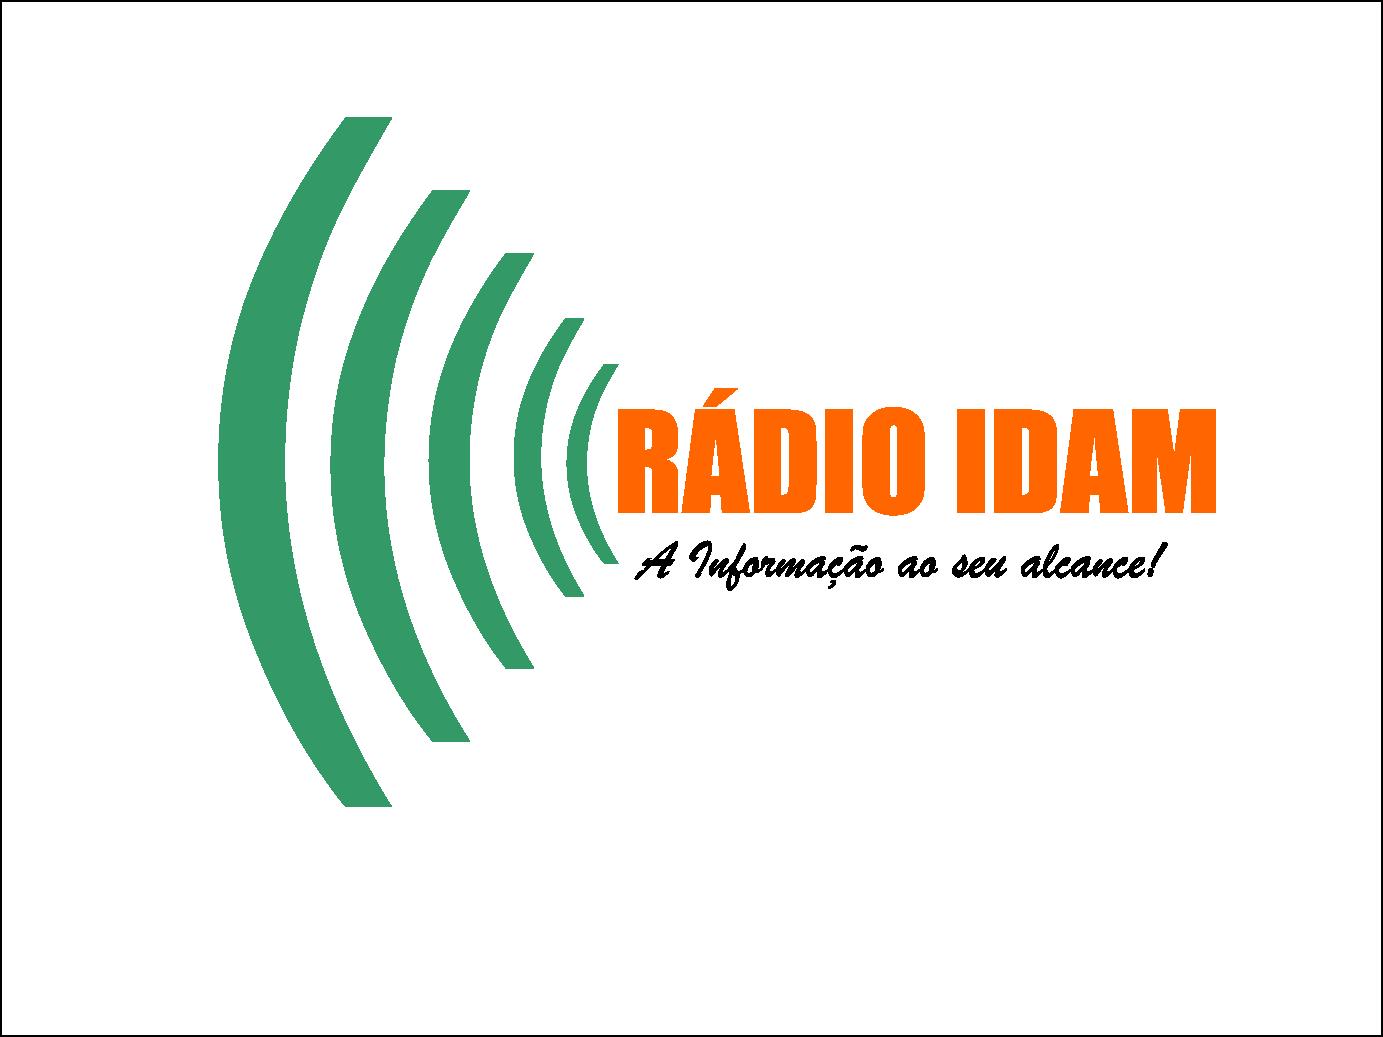 LOGO RADIO IDAM 3